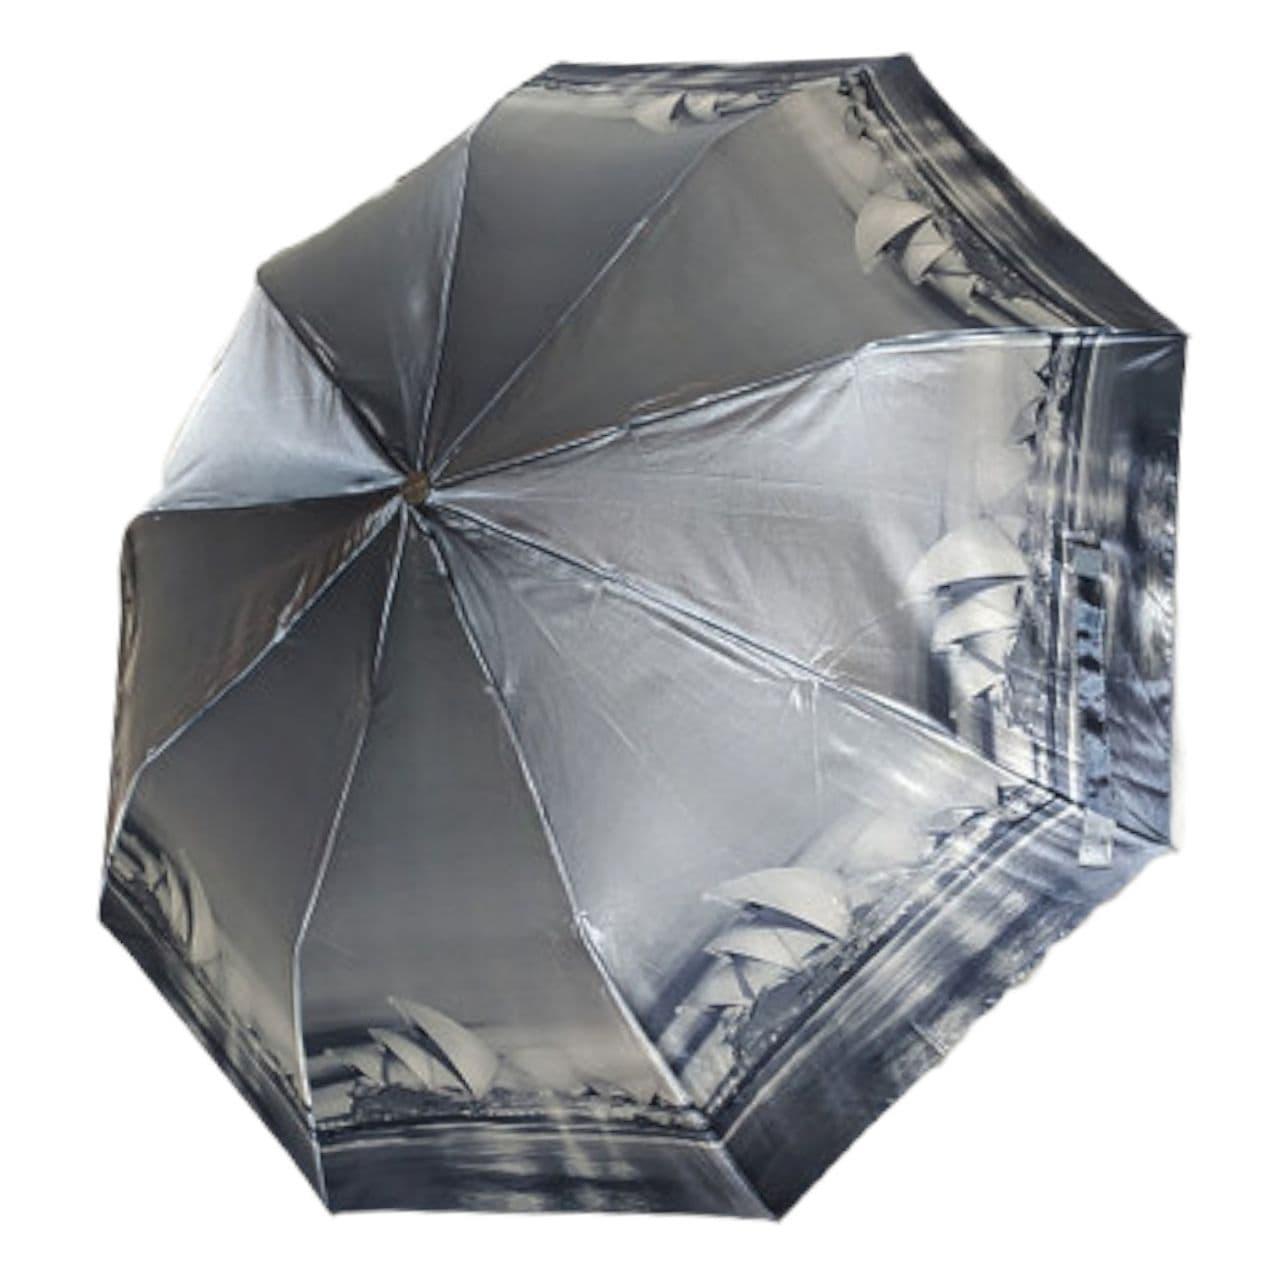 """Женский зонт, полуавтомат с изображениями городов, сатин от фирмы """"Calm Rain"""", 483-2"""